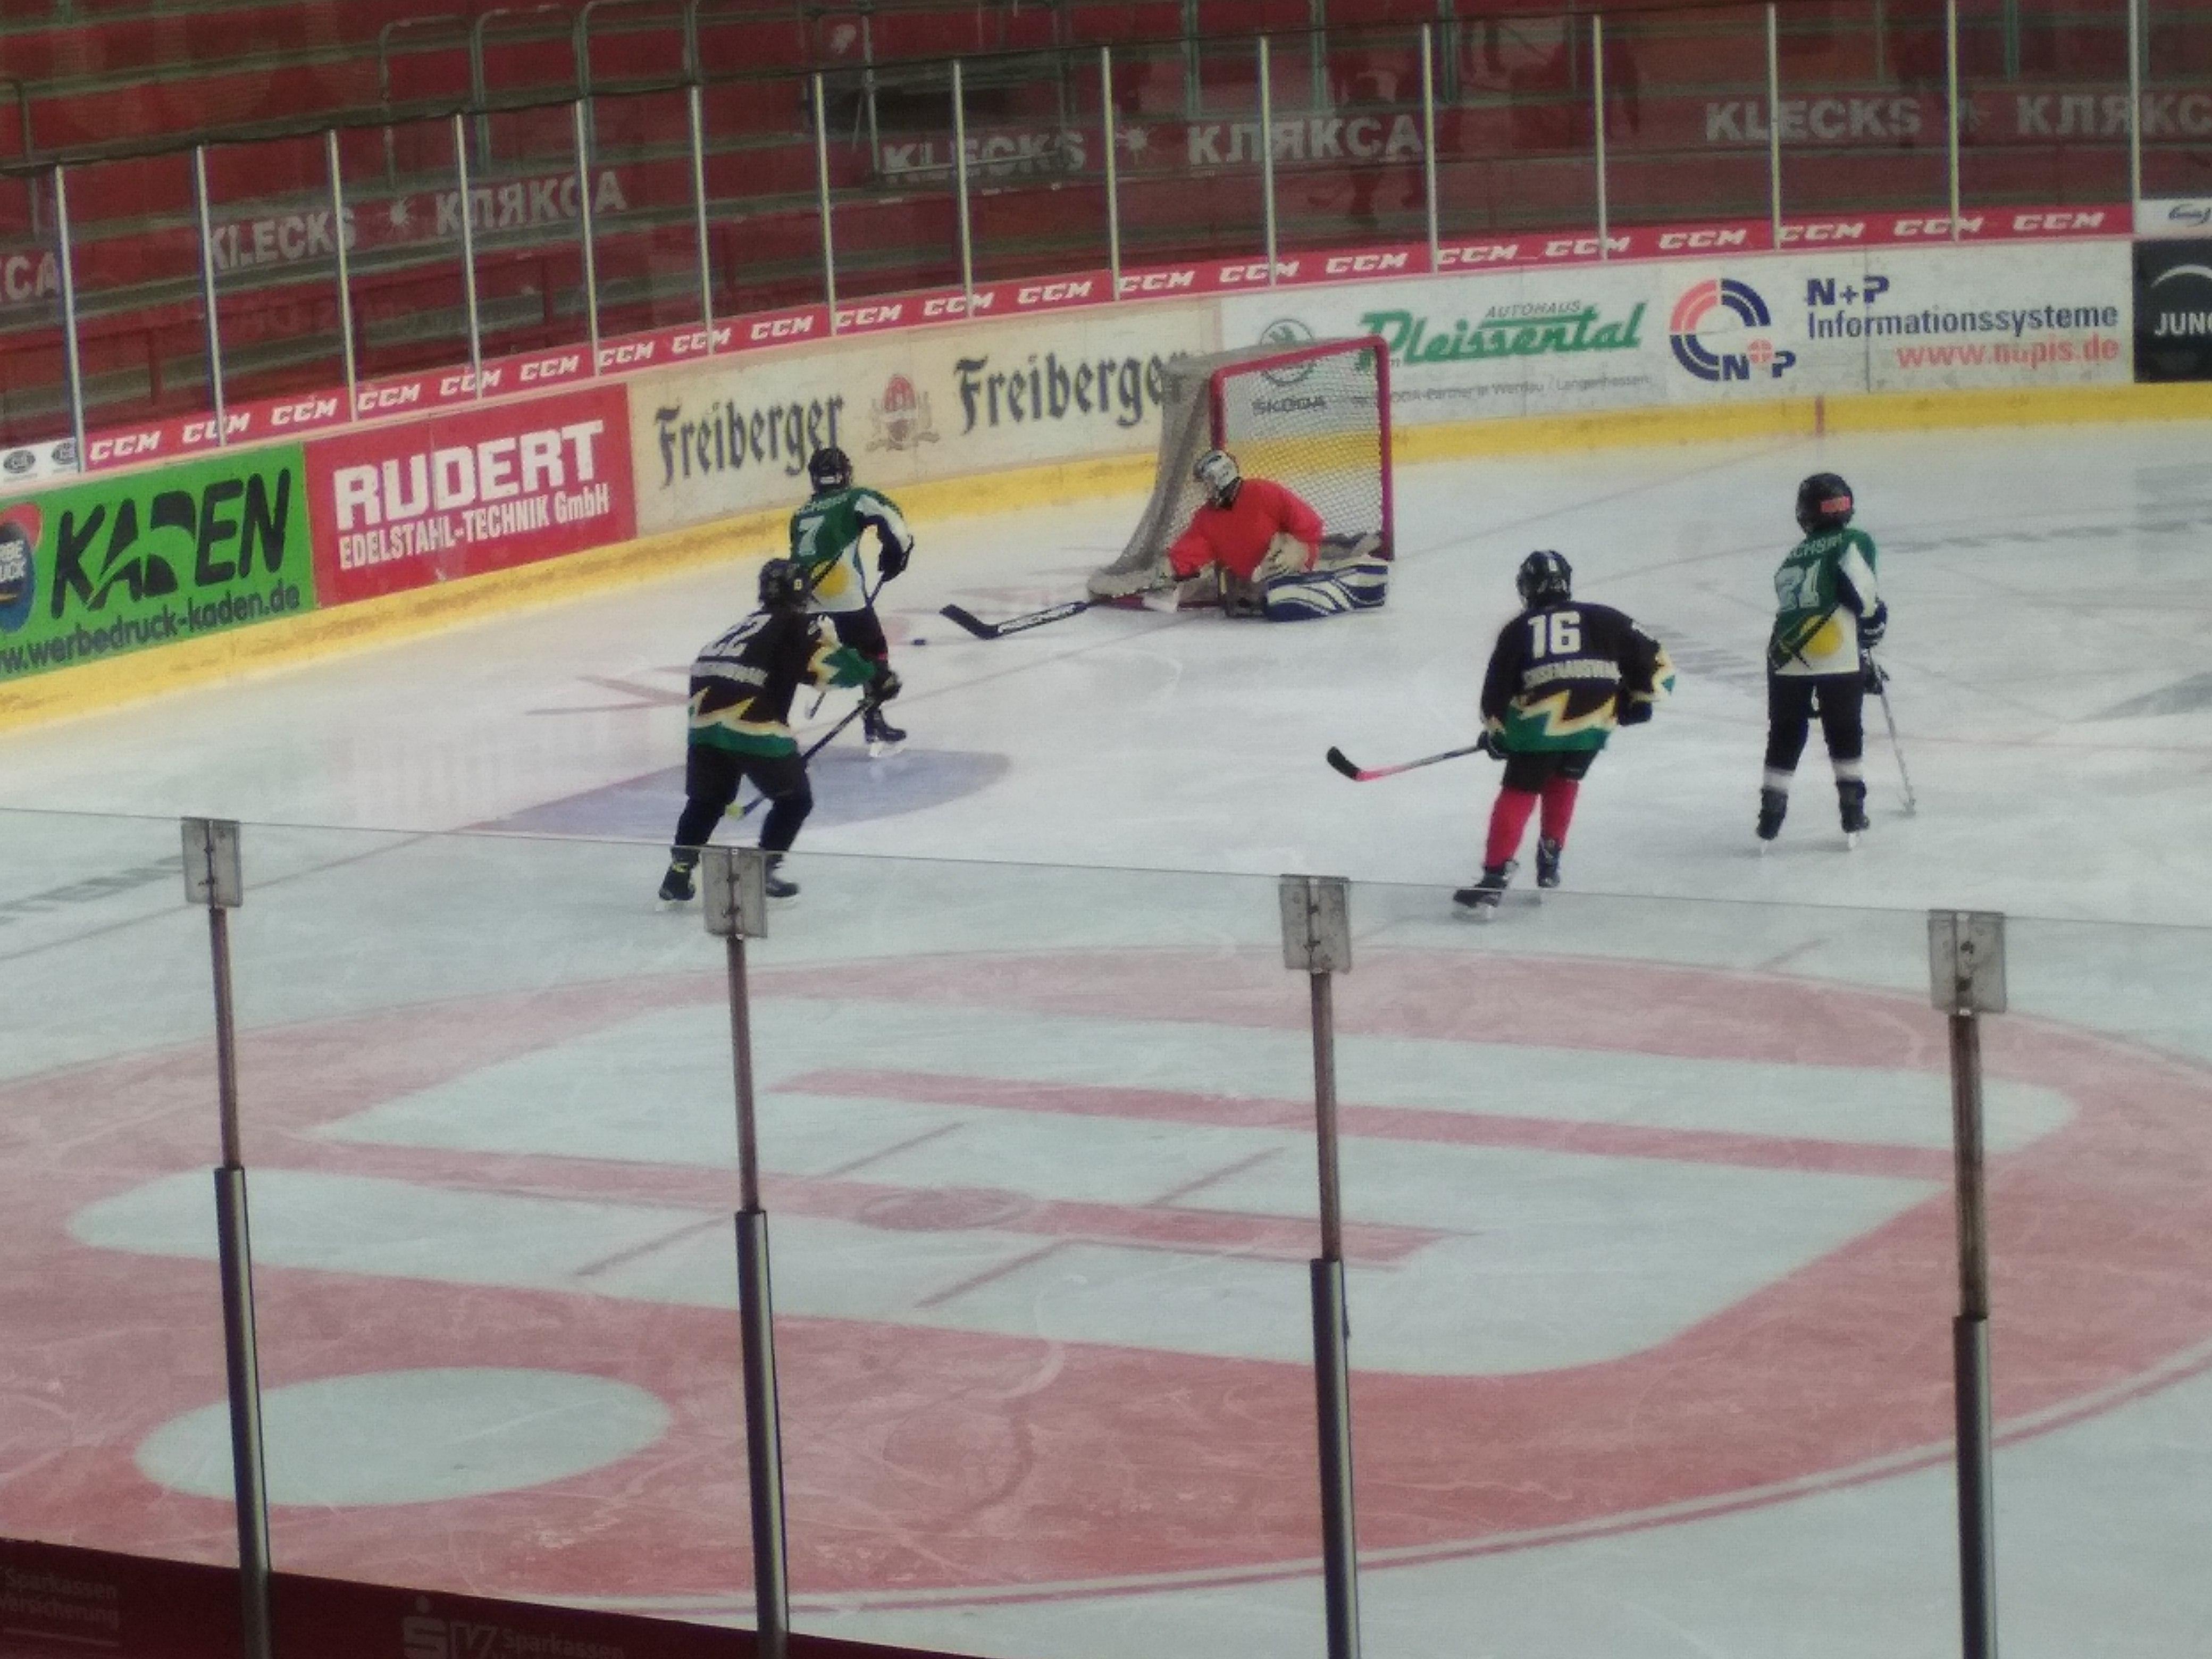 Spielszene im Rahmen der Sichtung in Crimmitschau